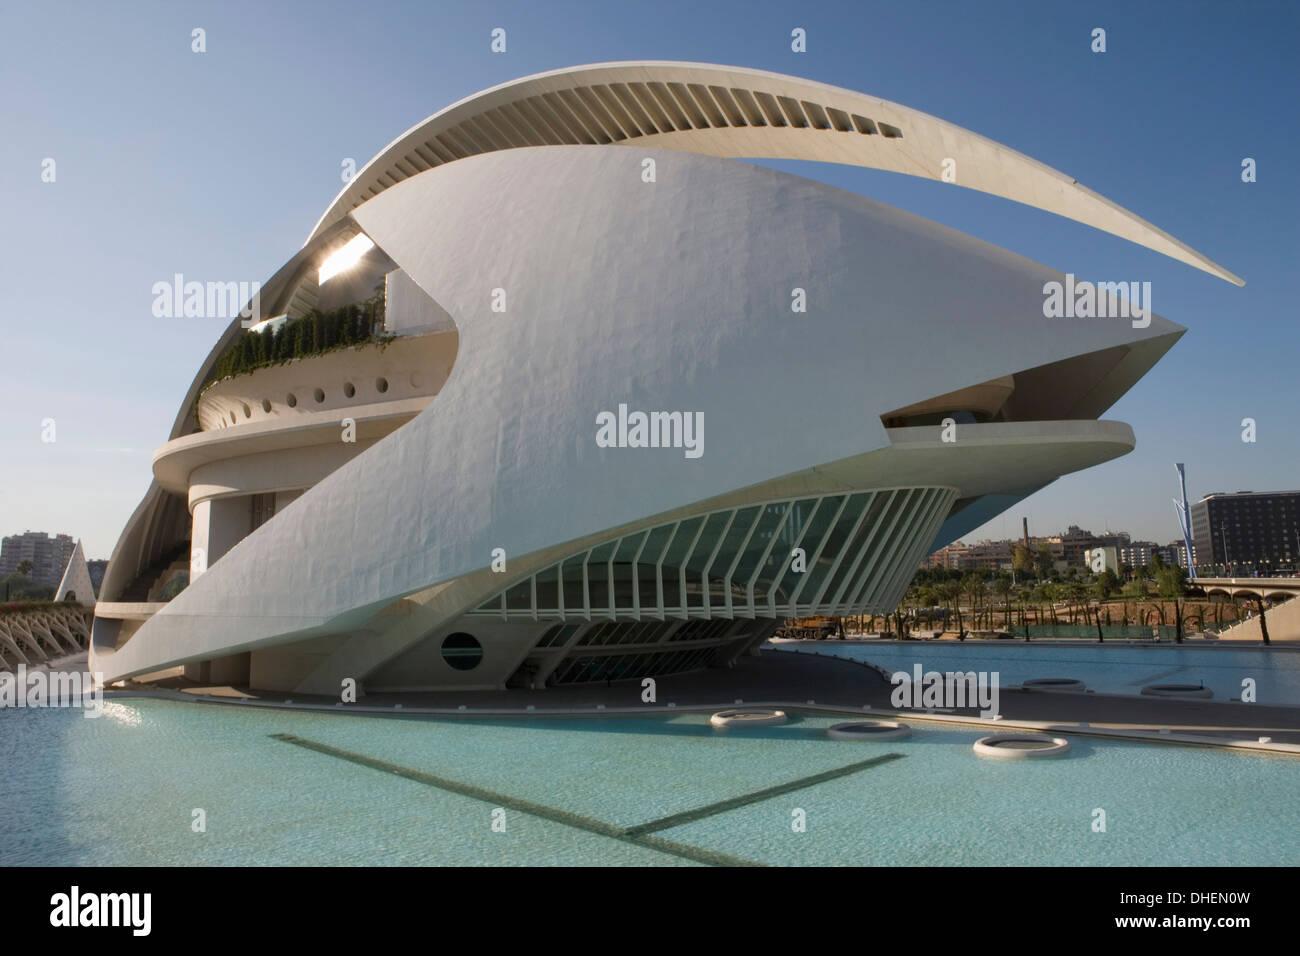 Palau de les Arts, Ciutat de les Arts i de les Ciencies, architect Santiago Calatrava, Valencia, Costa del Azahar, Spain - Stock Image